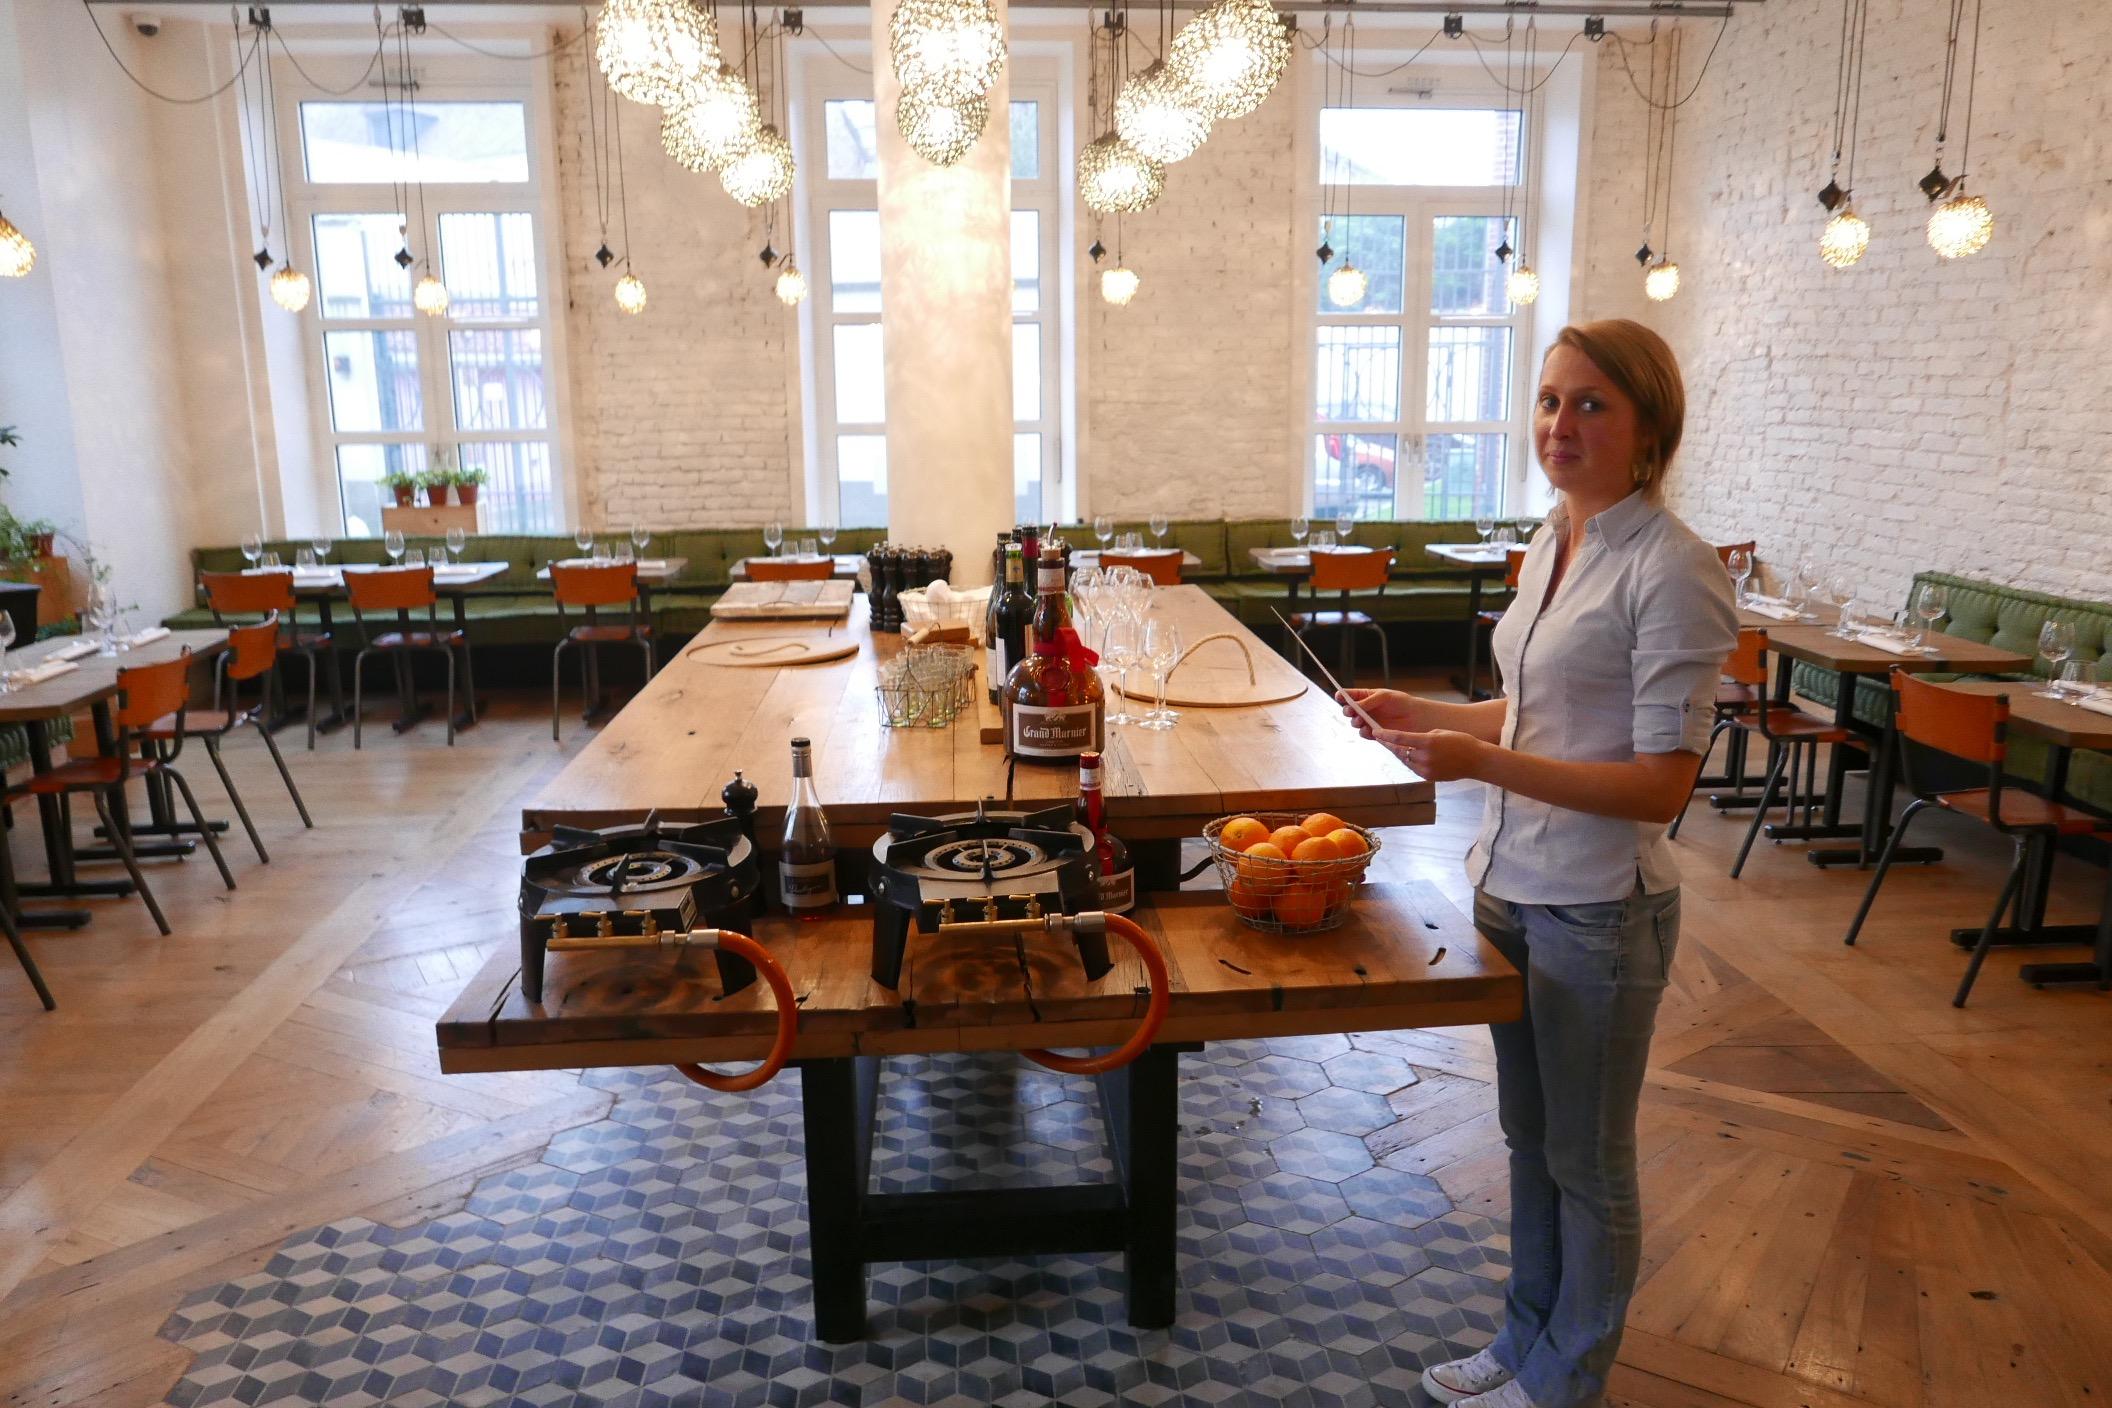 Roland gauthier et le service - Le patio restaurant montreuil sur mer ...